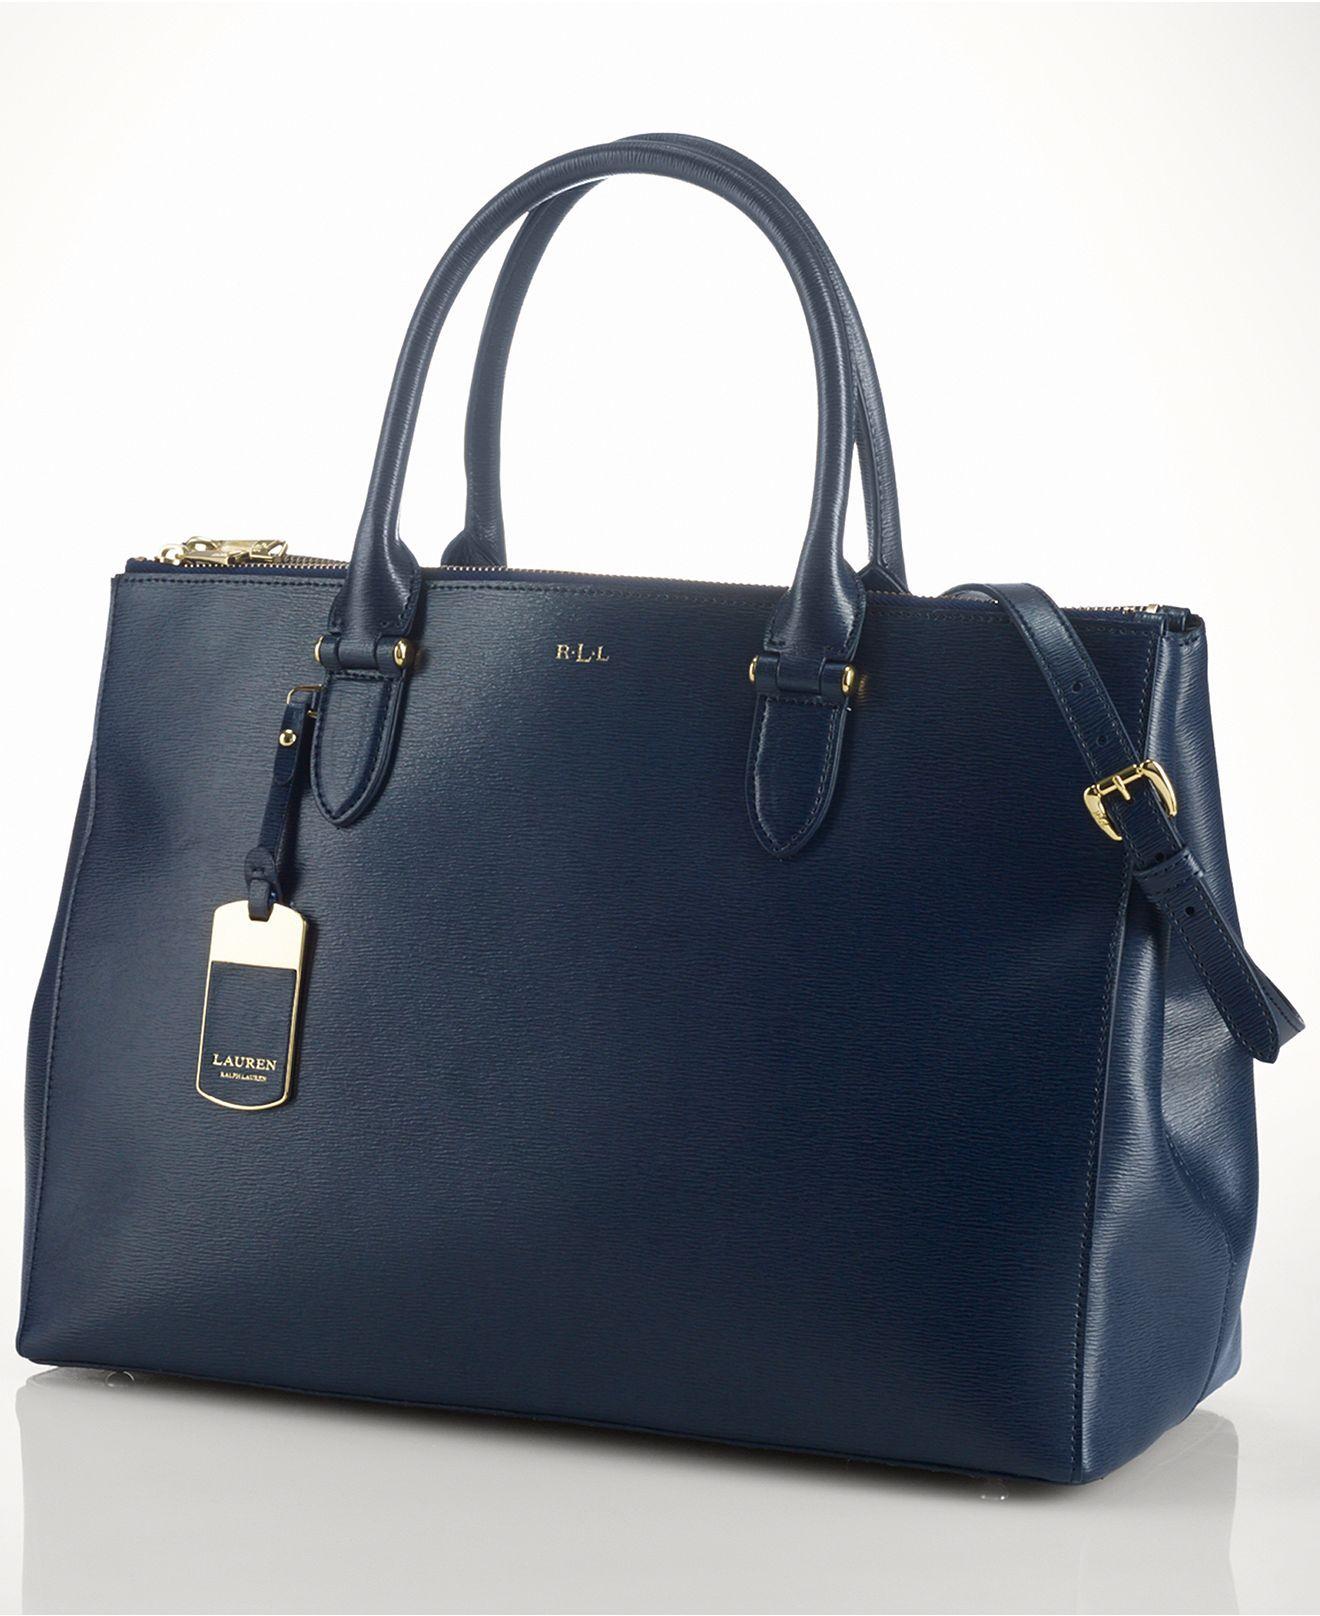 ef1df56a1d Lauren Ralph Lauren Newbury Double Zip Satchel - Lauren Ralph Lauren -  Handbags   Accessories - Macy s  298